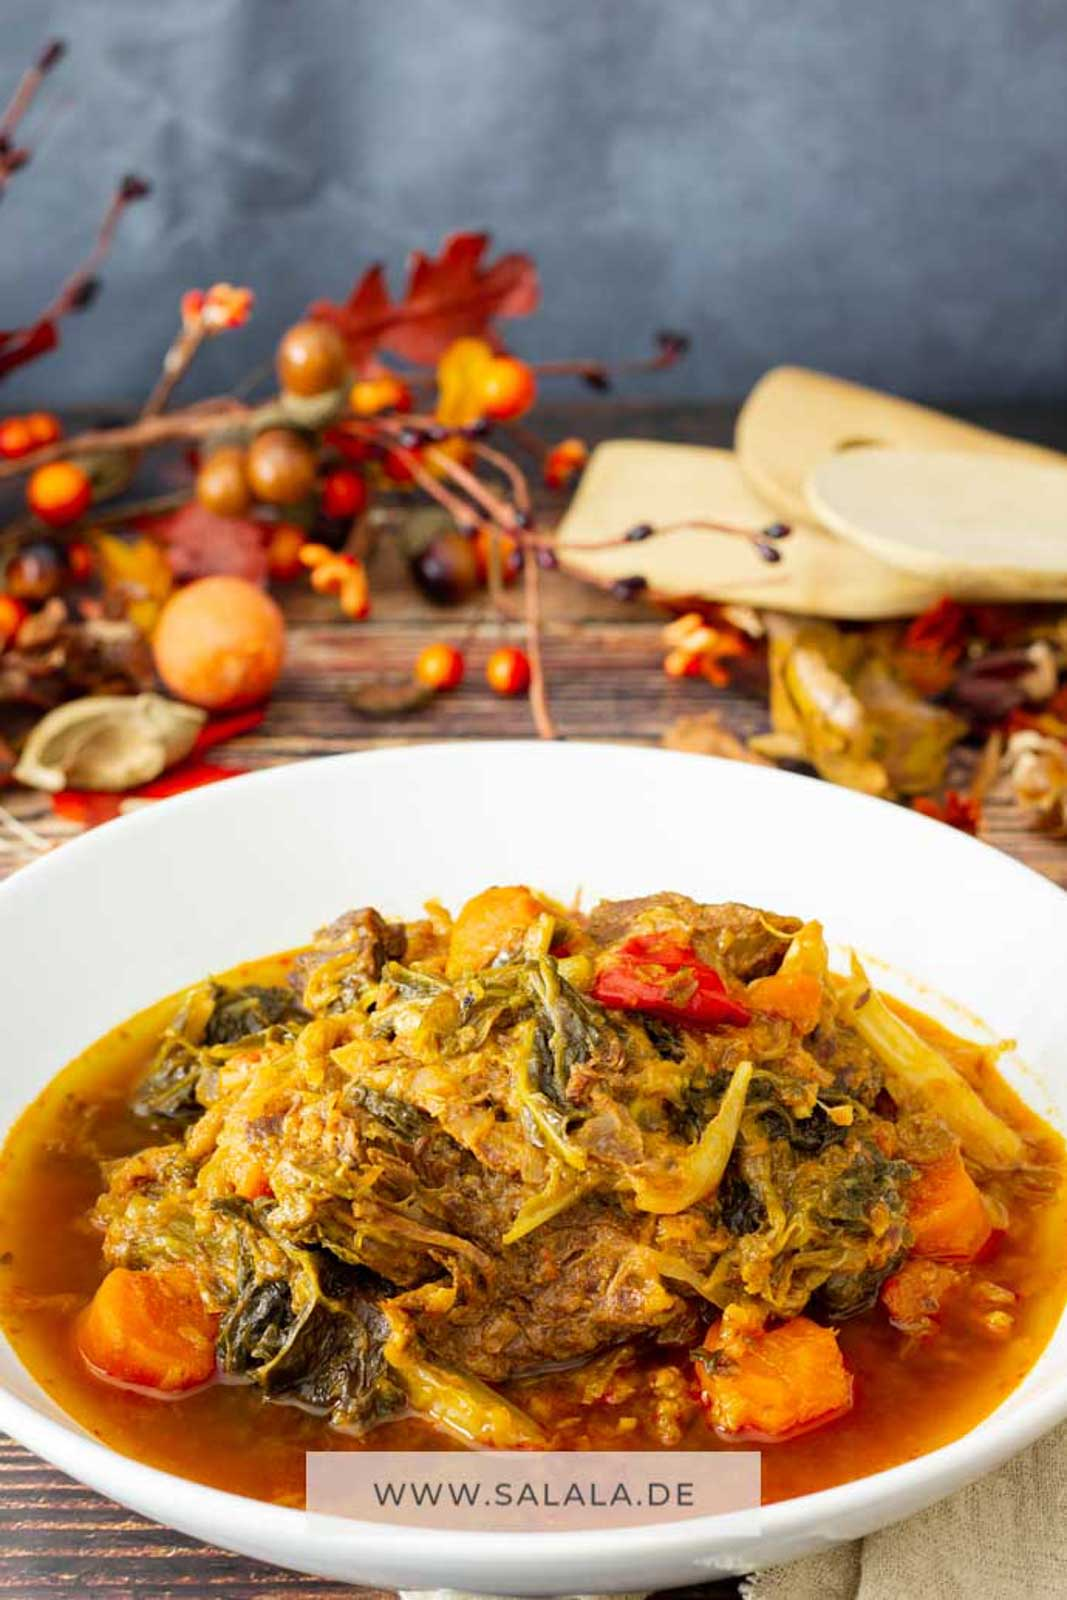 Wirsingeintopf mit Suppenfleisch I by salala.de I Low Carb Eintopf mit Wirsing, Speck, Rindfleisch und Möhren im Schnellkochtopf (1)